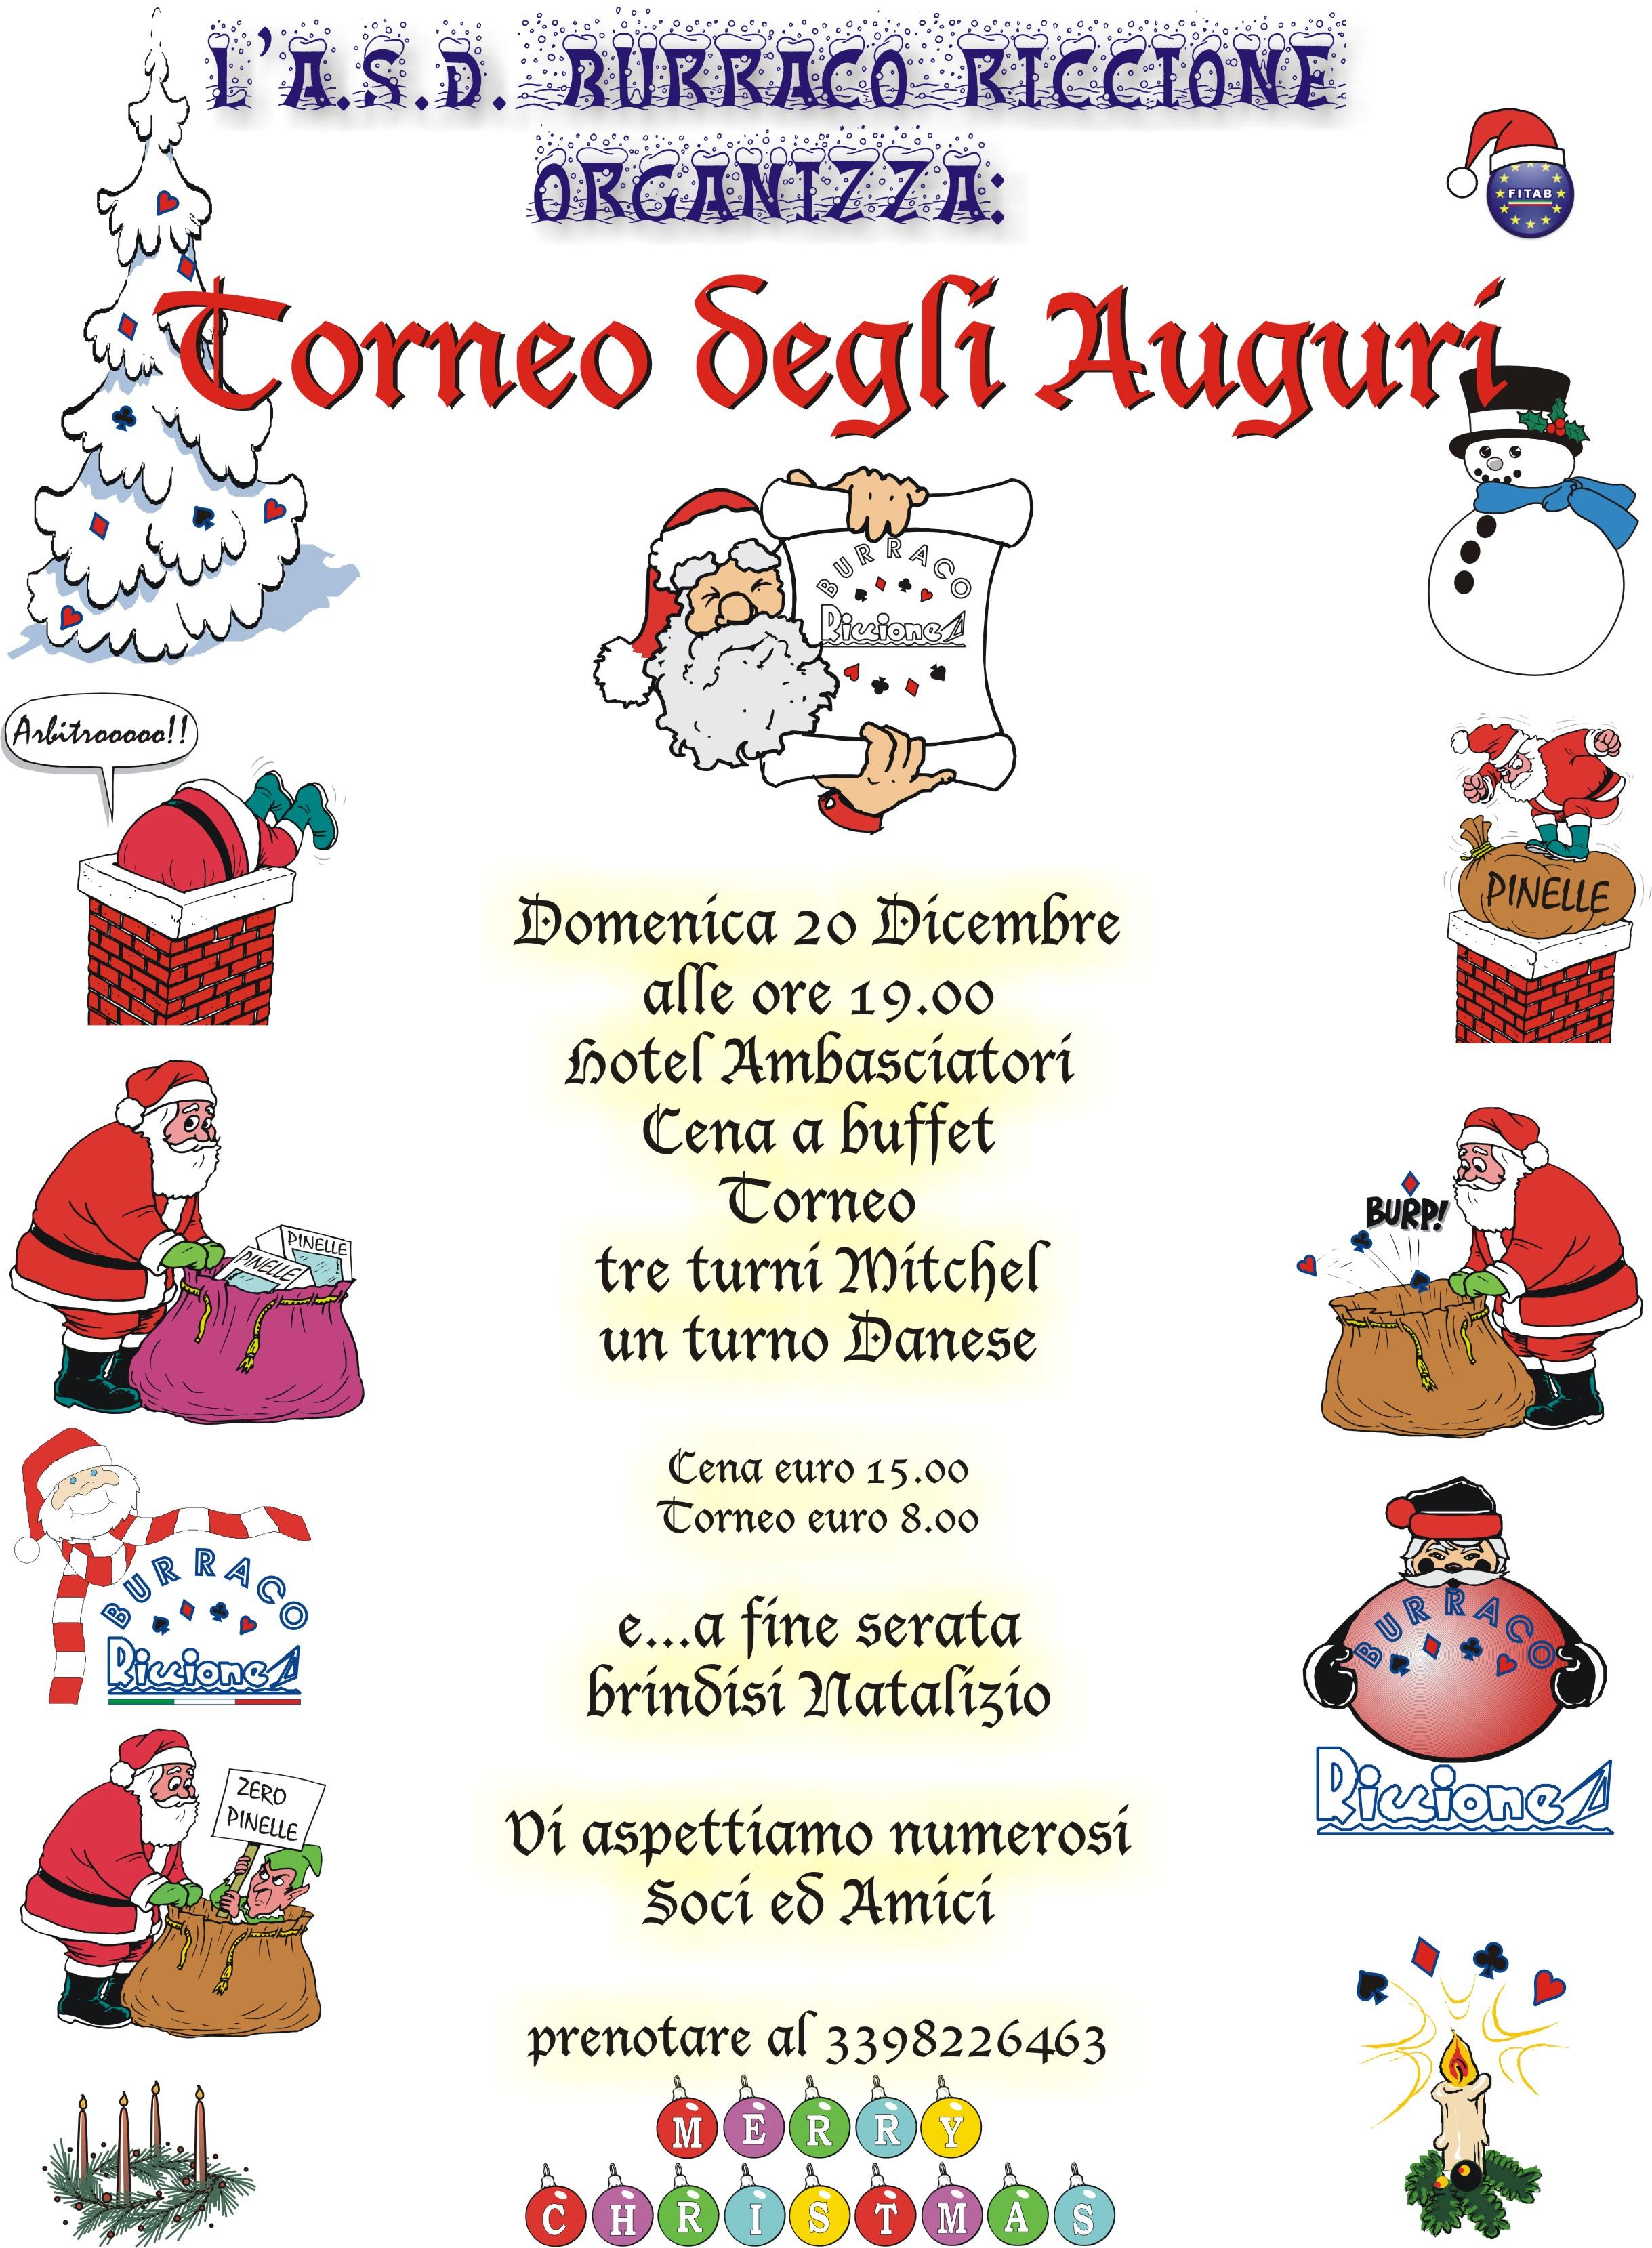 Fitab Calendario.Torneo Degli Auguri Asd Burraco Riccione